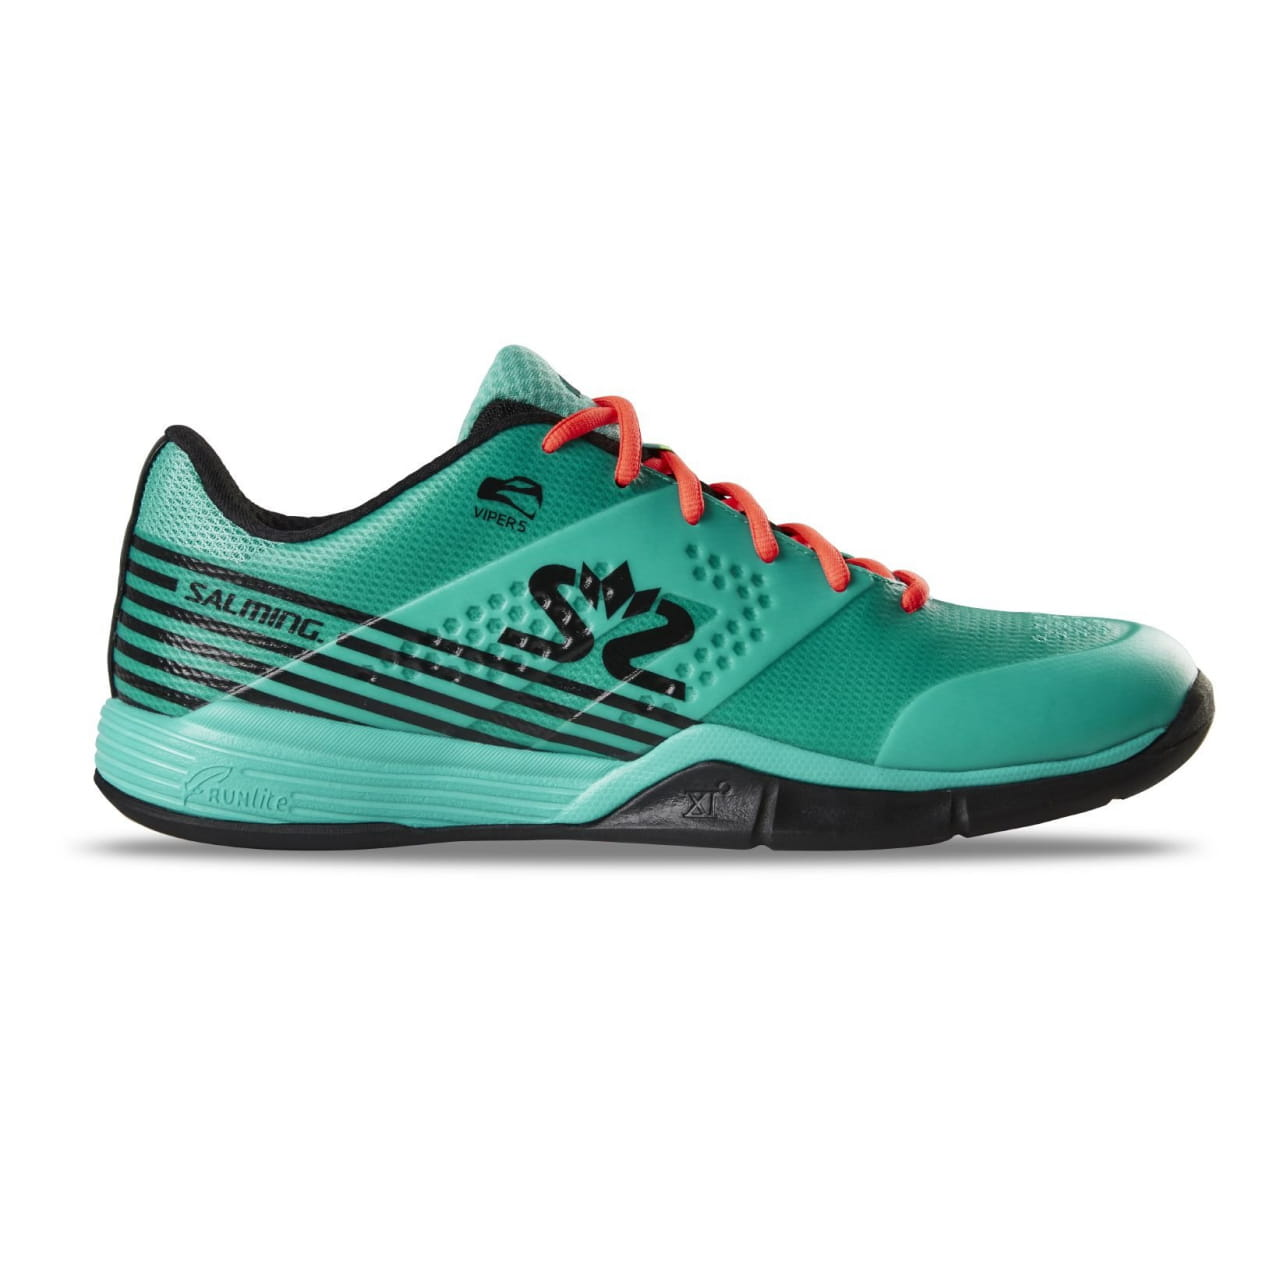 Halová obuv Salming Viper 5 Shoe Men Turquoise/Black